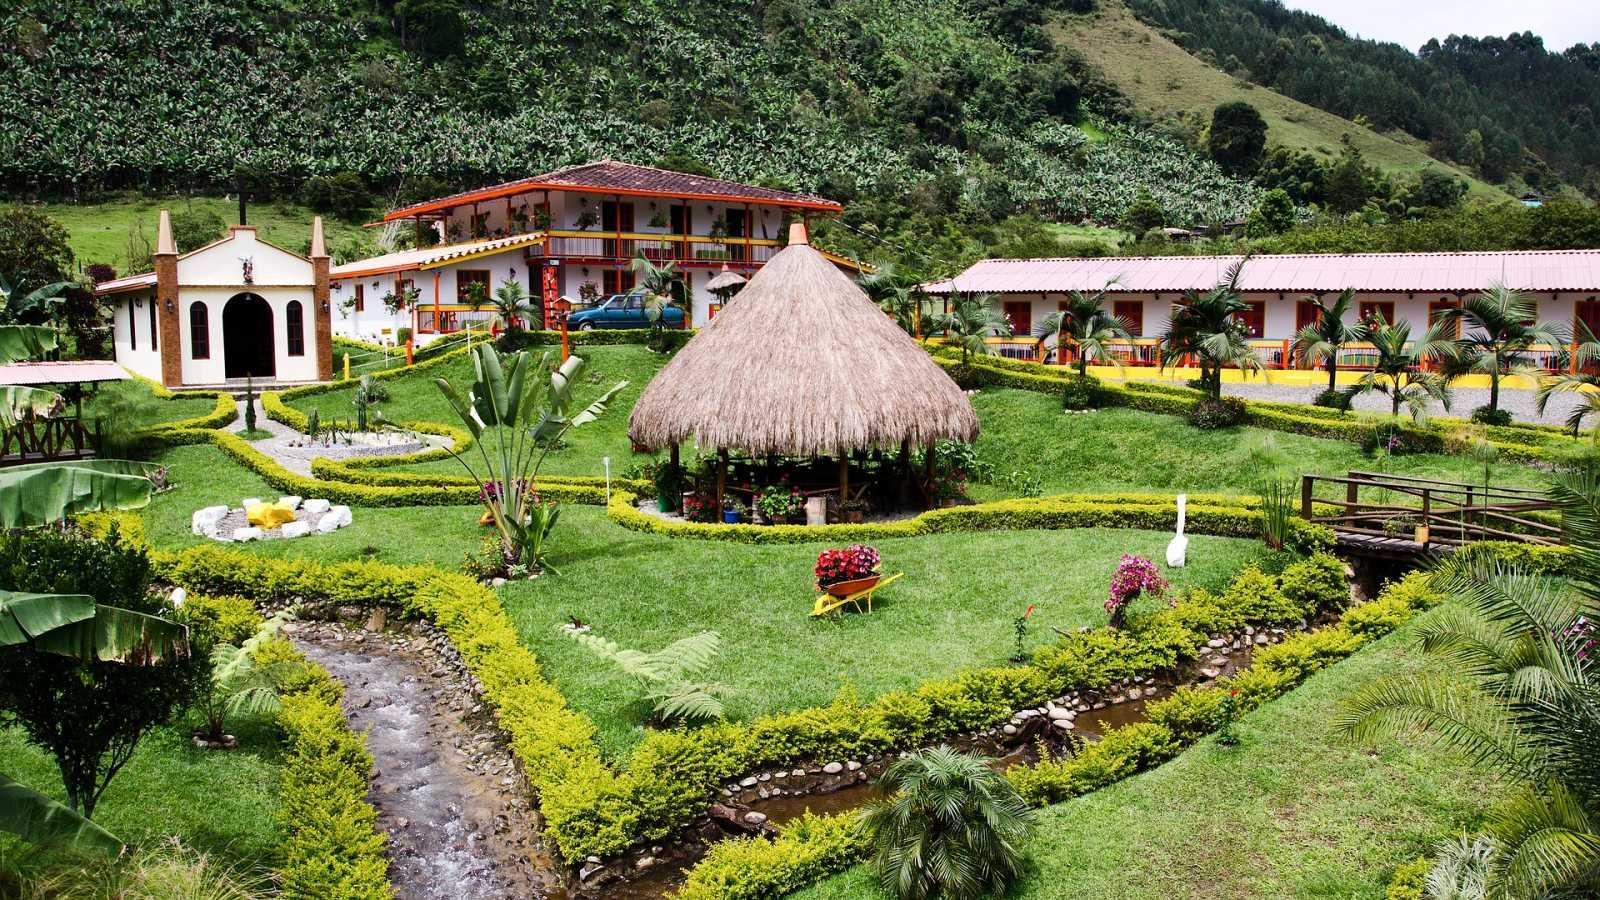 10.000 lugares para viajar con Ángela Gonzalo - Paisaje del café en Colombia - 03/10/20 - Escuchar ahora